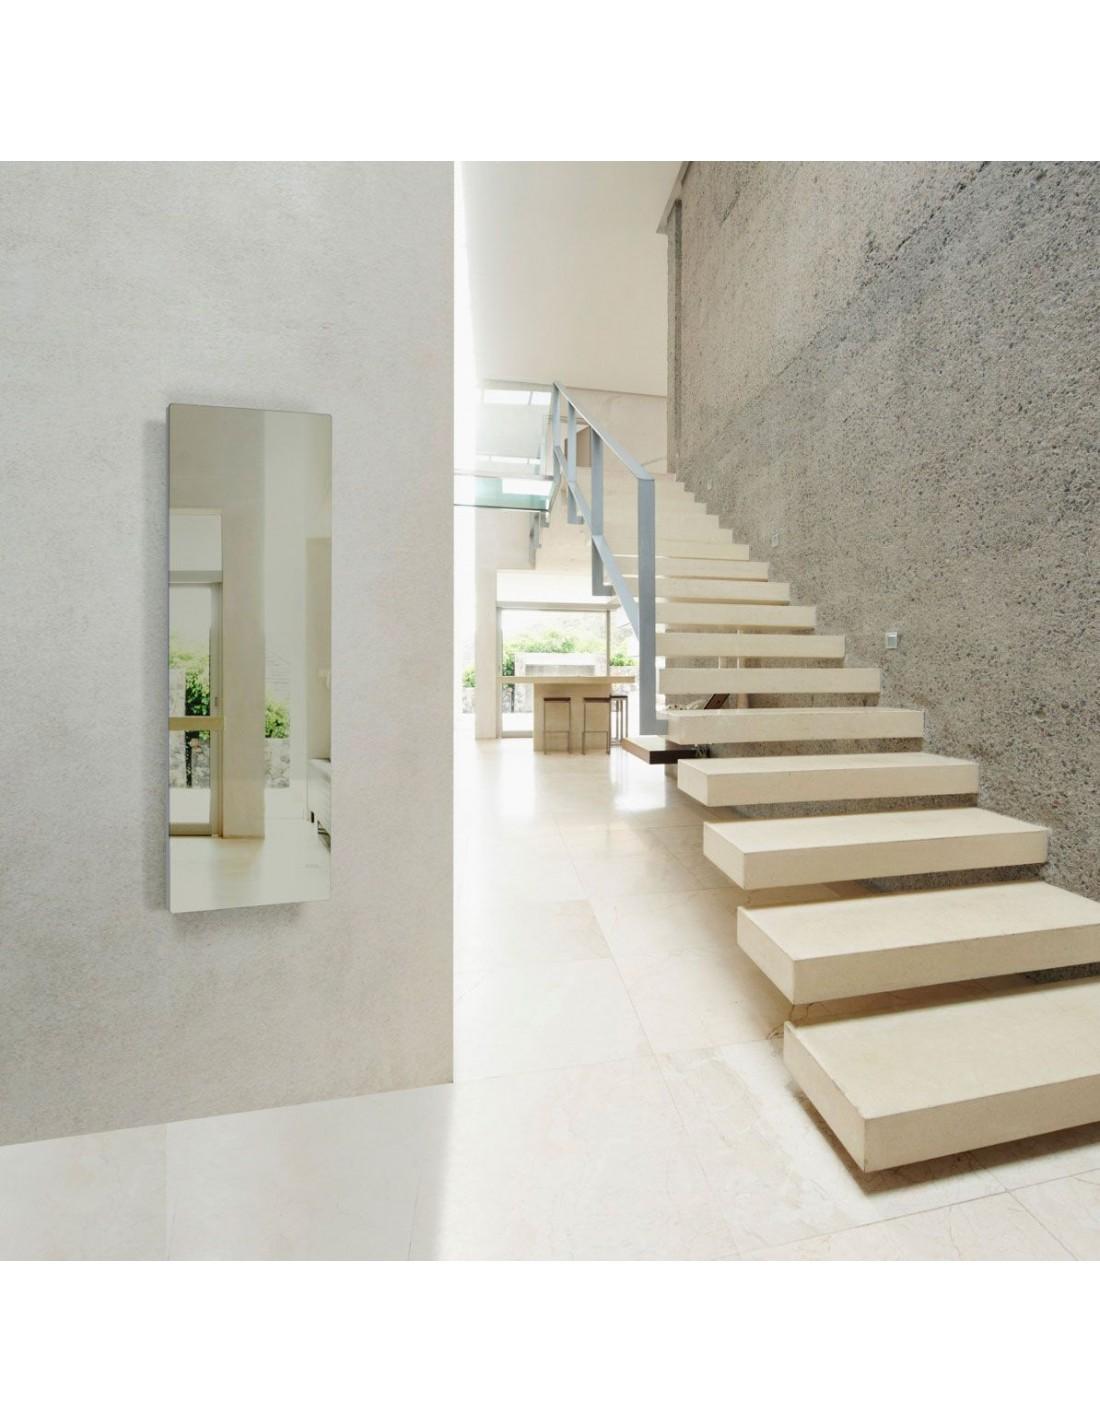 Radiateur Solaris vertical 45 1000W miroir de la marque Fondis - Valente Design